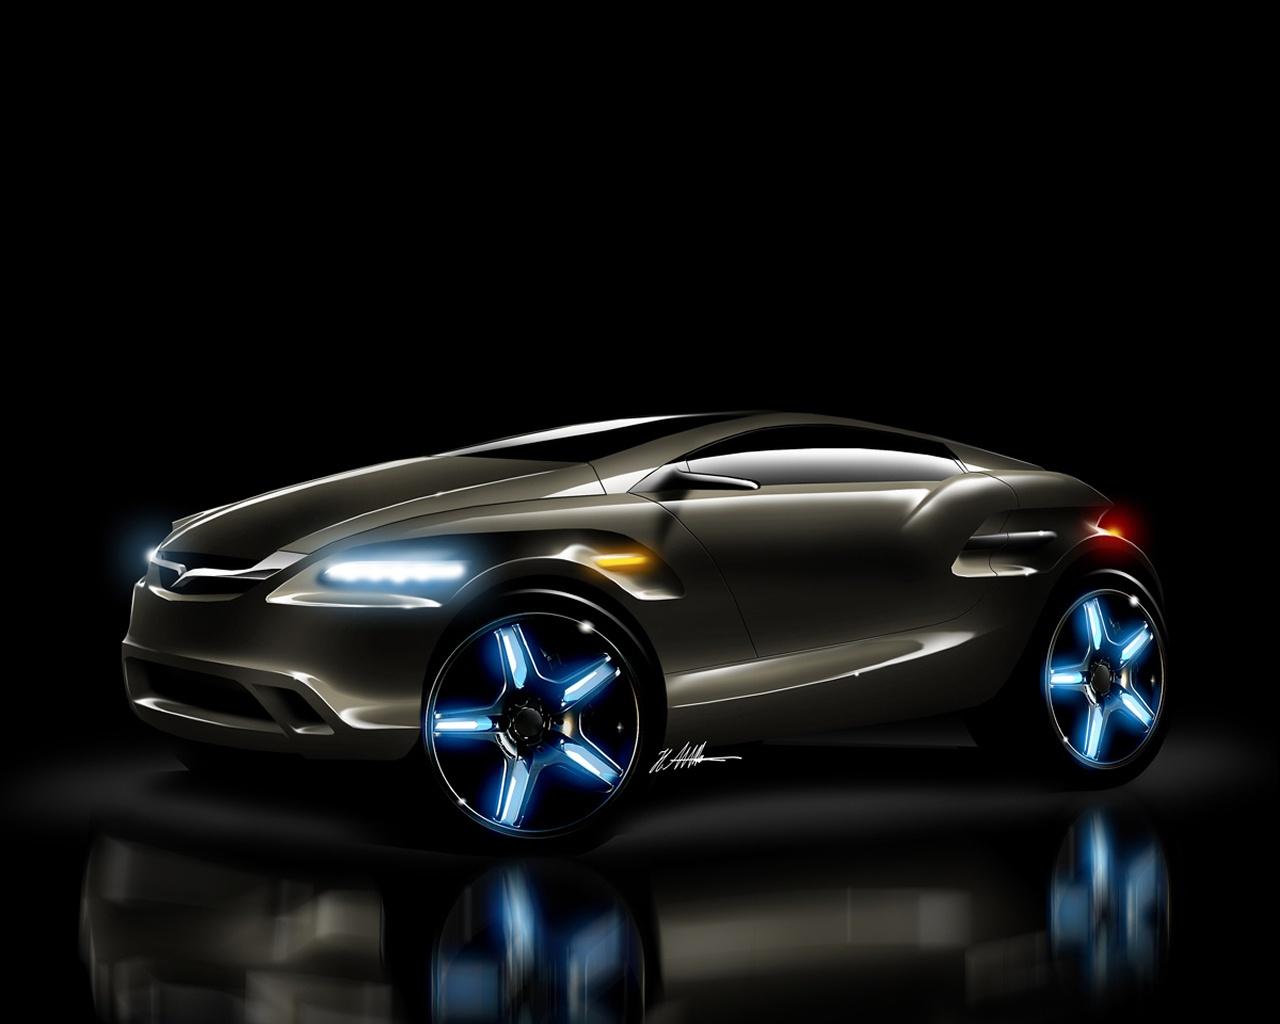 Super Concept Car Wallpapers HD Wallpapers 1280x1024